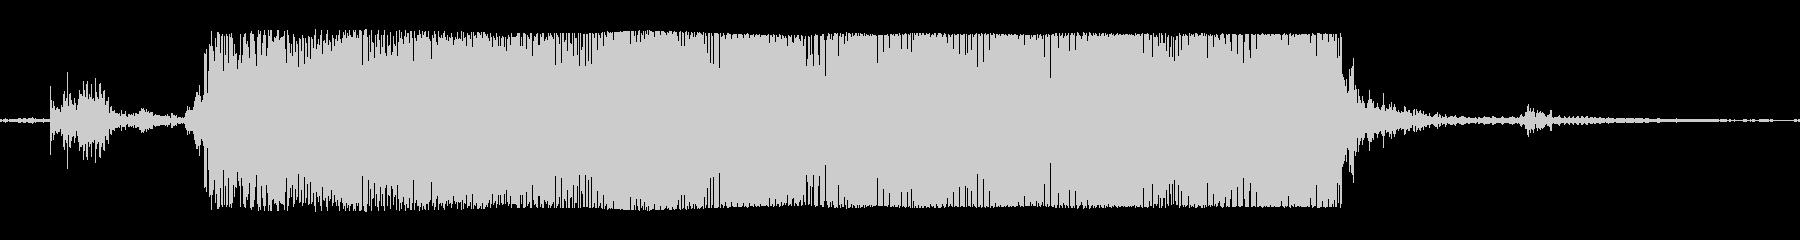 ギターメタルパワーコードzqの未再生の波形